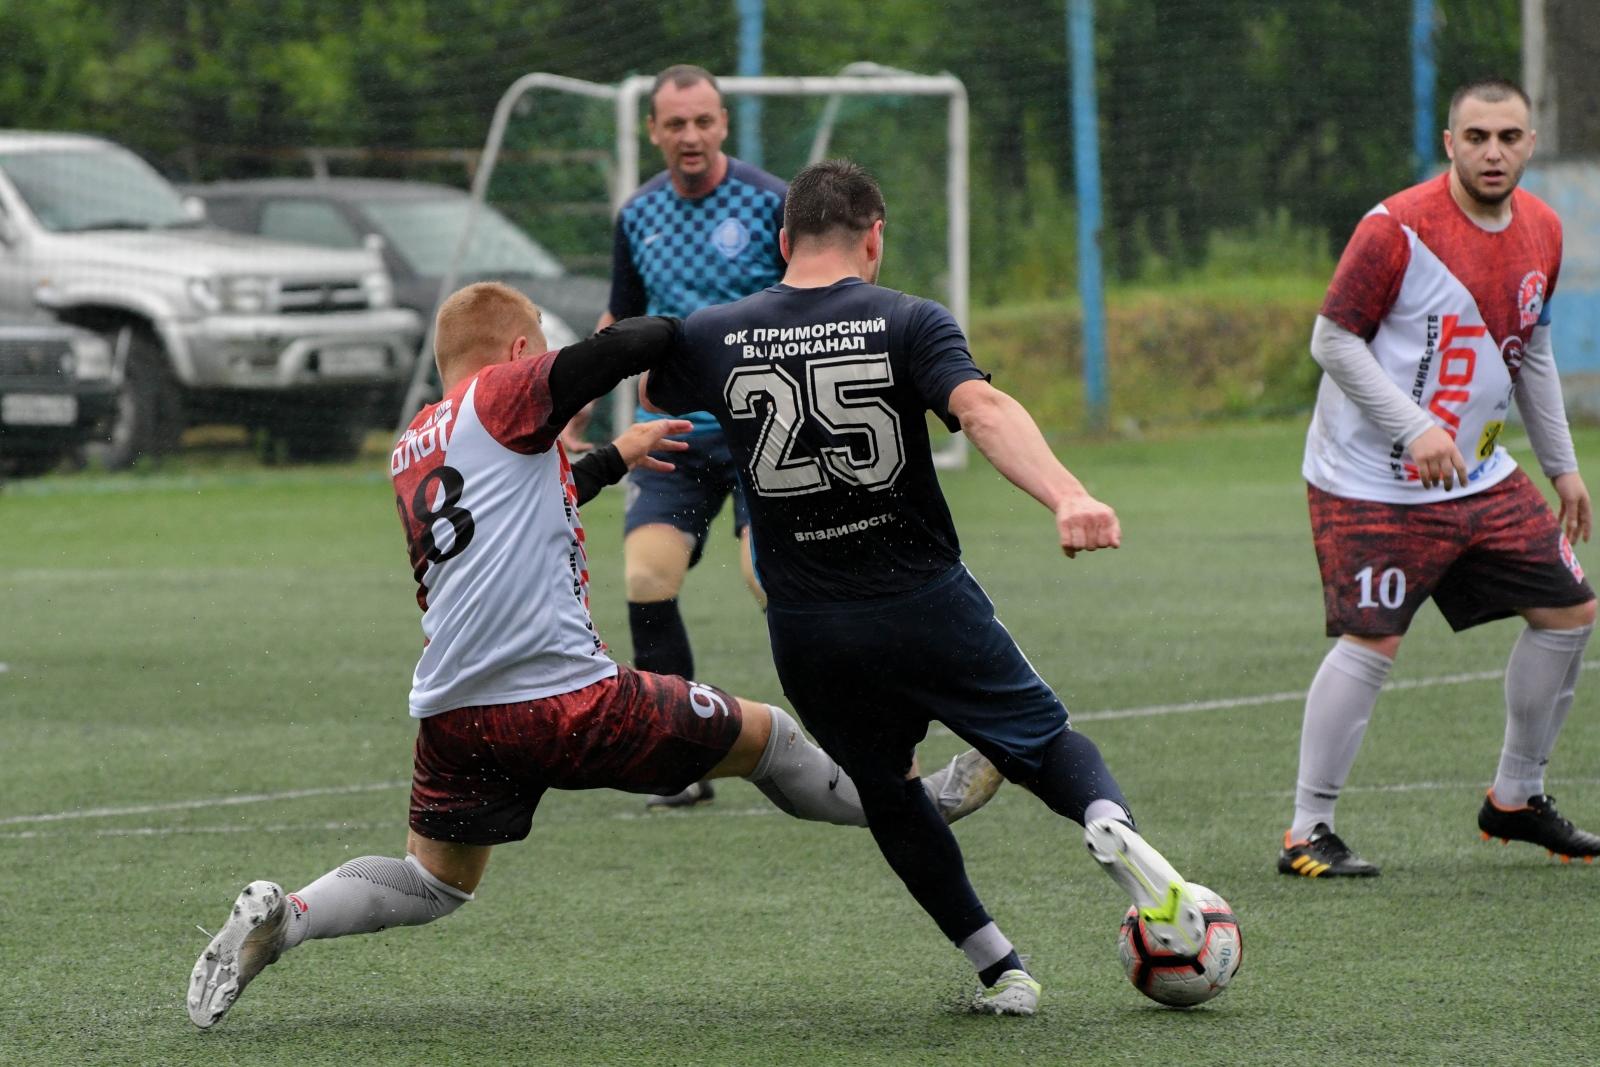 Футбол Приморского края. Футбол Владивостока. Футбол Владивосток.